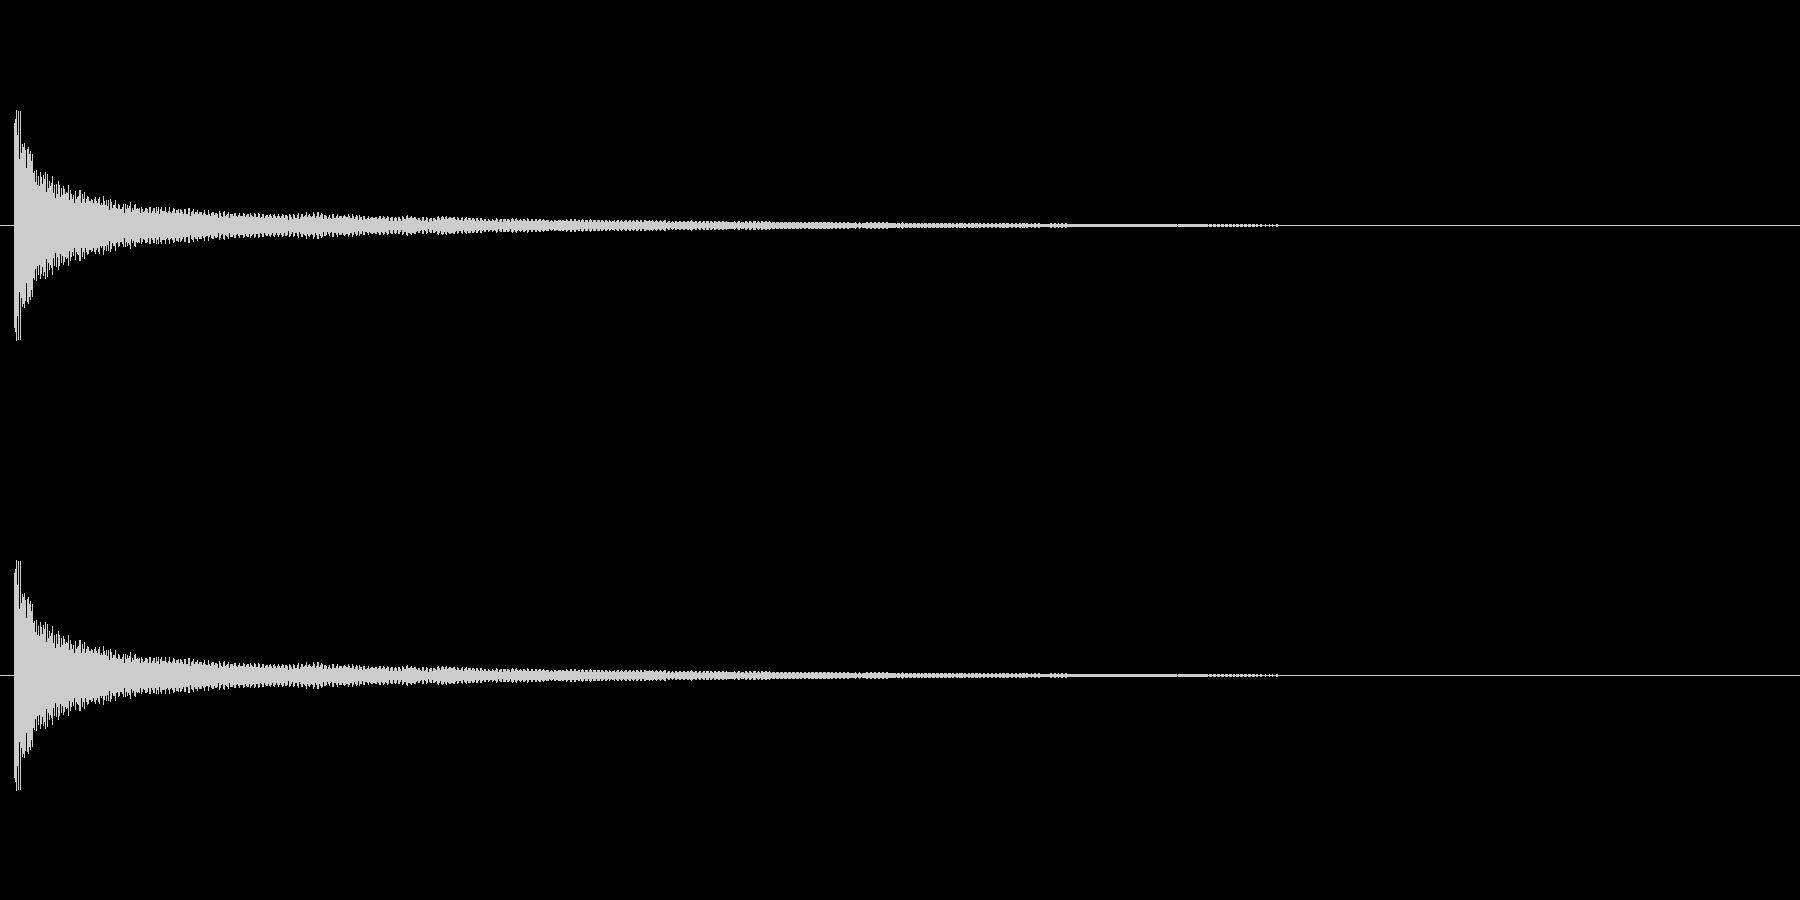 音侍「チリーン」お鈴(風鈴)の情緒的な音の未再生の波形